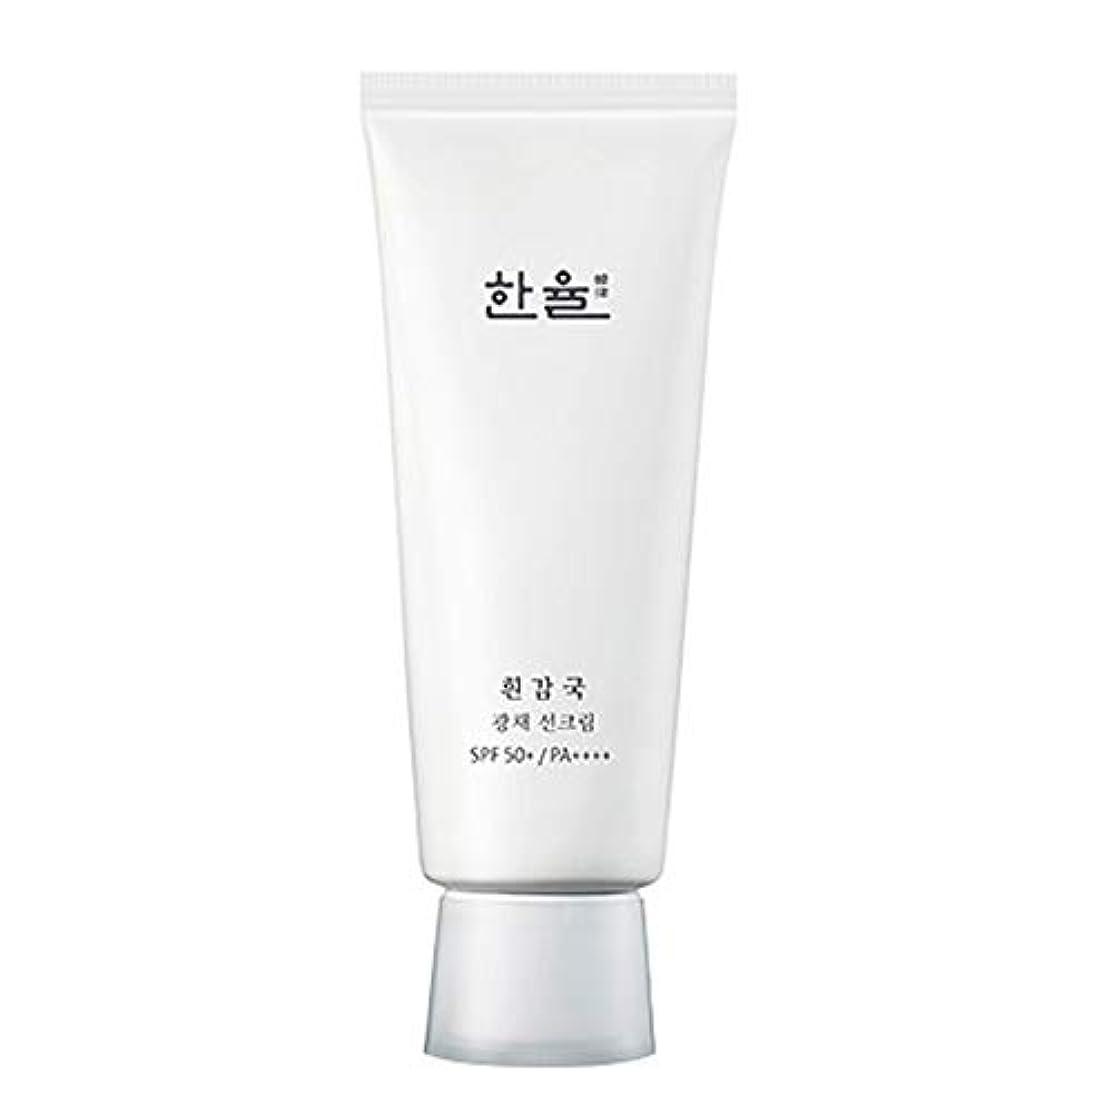 こだわりマットレス修道院[HANYUL] ハンユル 白いガムグク輝きサンクリーム 70ml SPF50+ PA++++ White Chrysanthemum Radiance Sunscreen cream